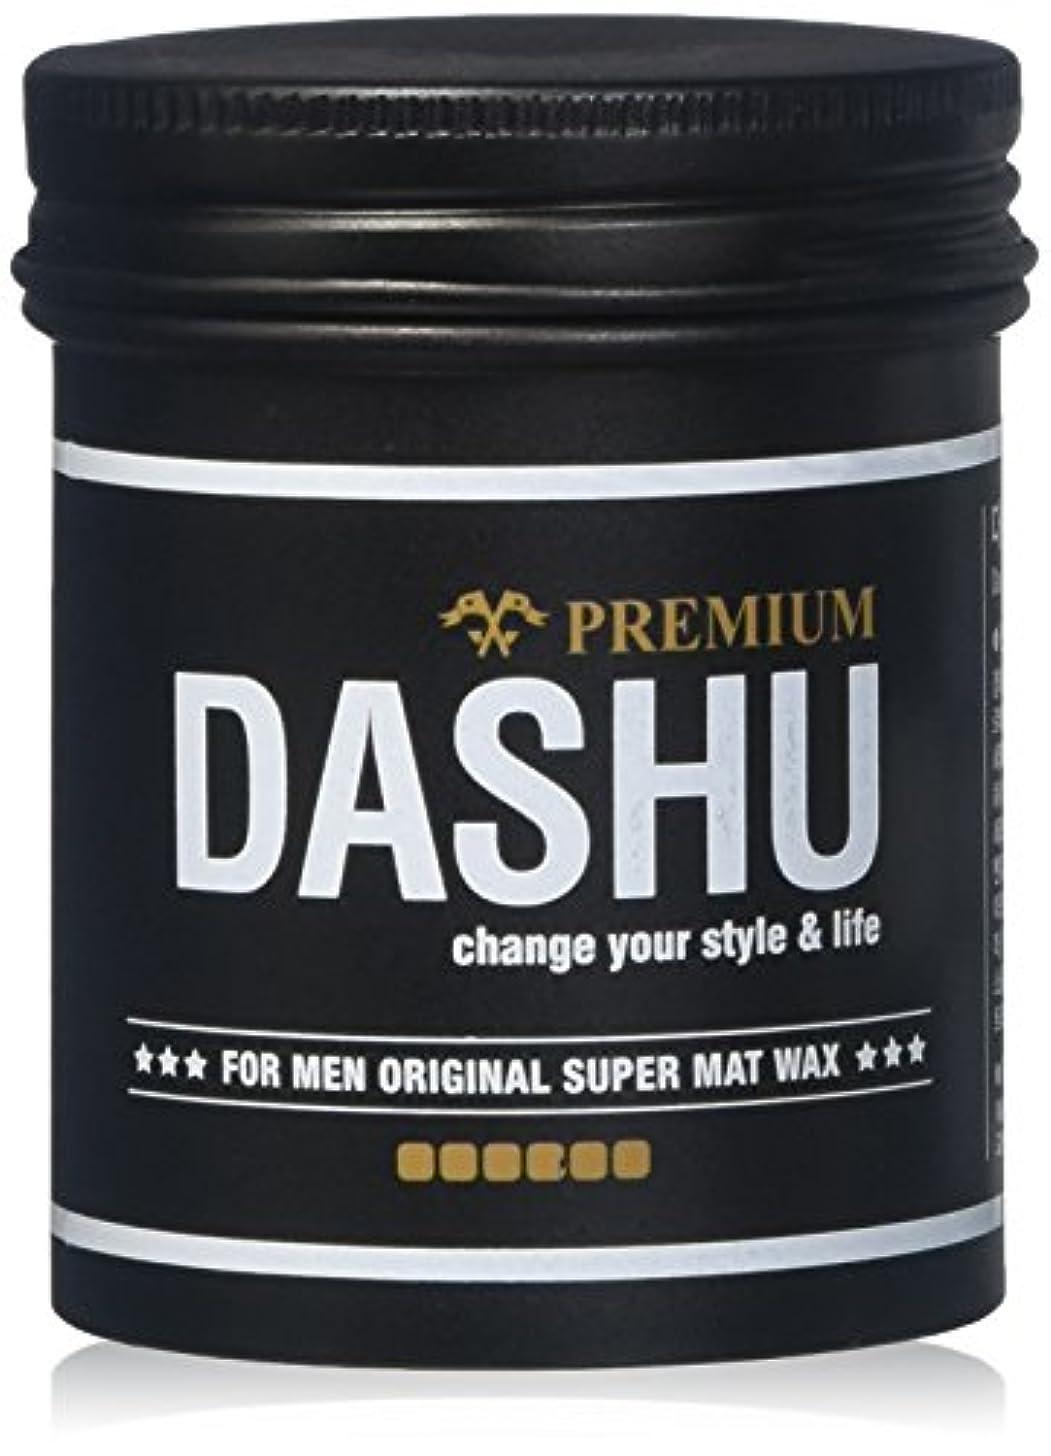 内側クラウン傘[DASHU] ダシュ For Men男性用 オリジナルプレミアムスーパーマットワックス Original Premium Super Mat Wax 100ml / 韓国製 . 韓国直送品